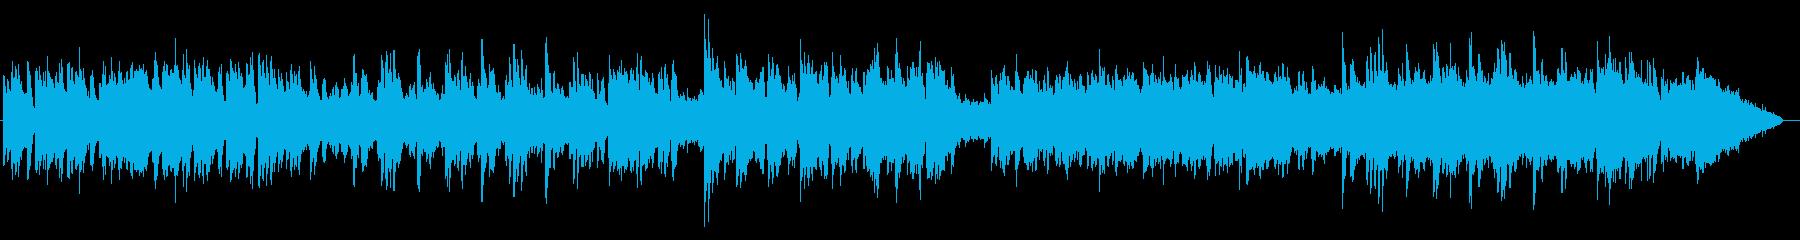 浮遊する繊細なハープとピアノサウンドの再生済みの波形